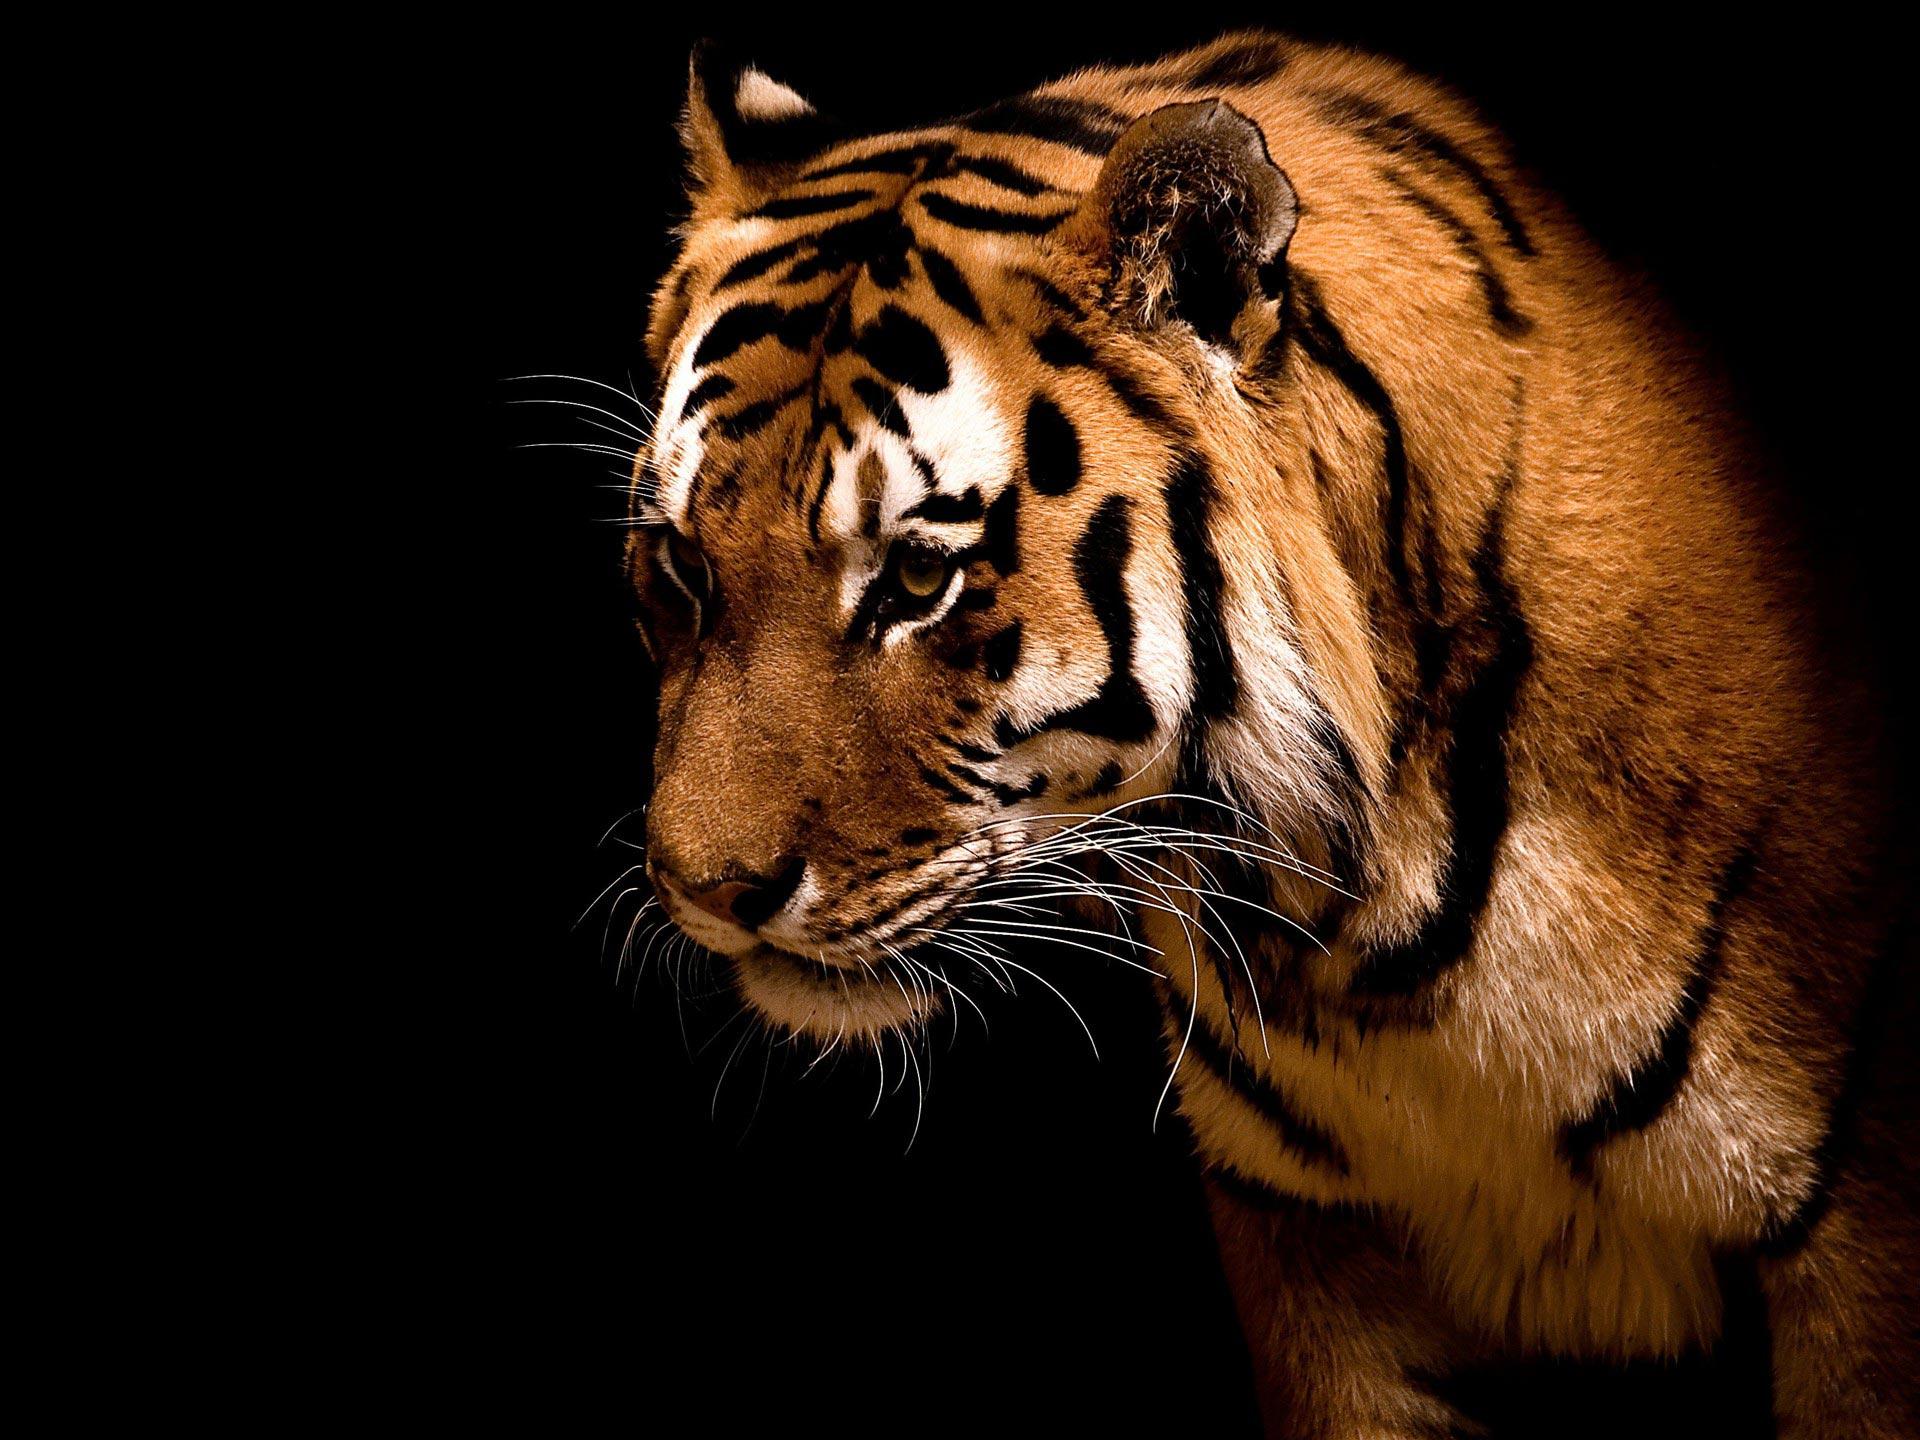 Tiger Big cat hd Wallpaper High Quality WallpapersWallpaper Desktop 1920x1440